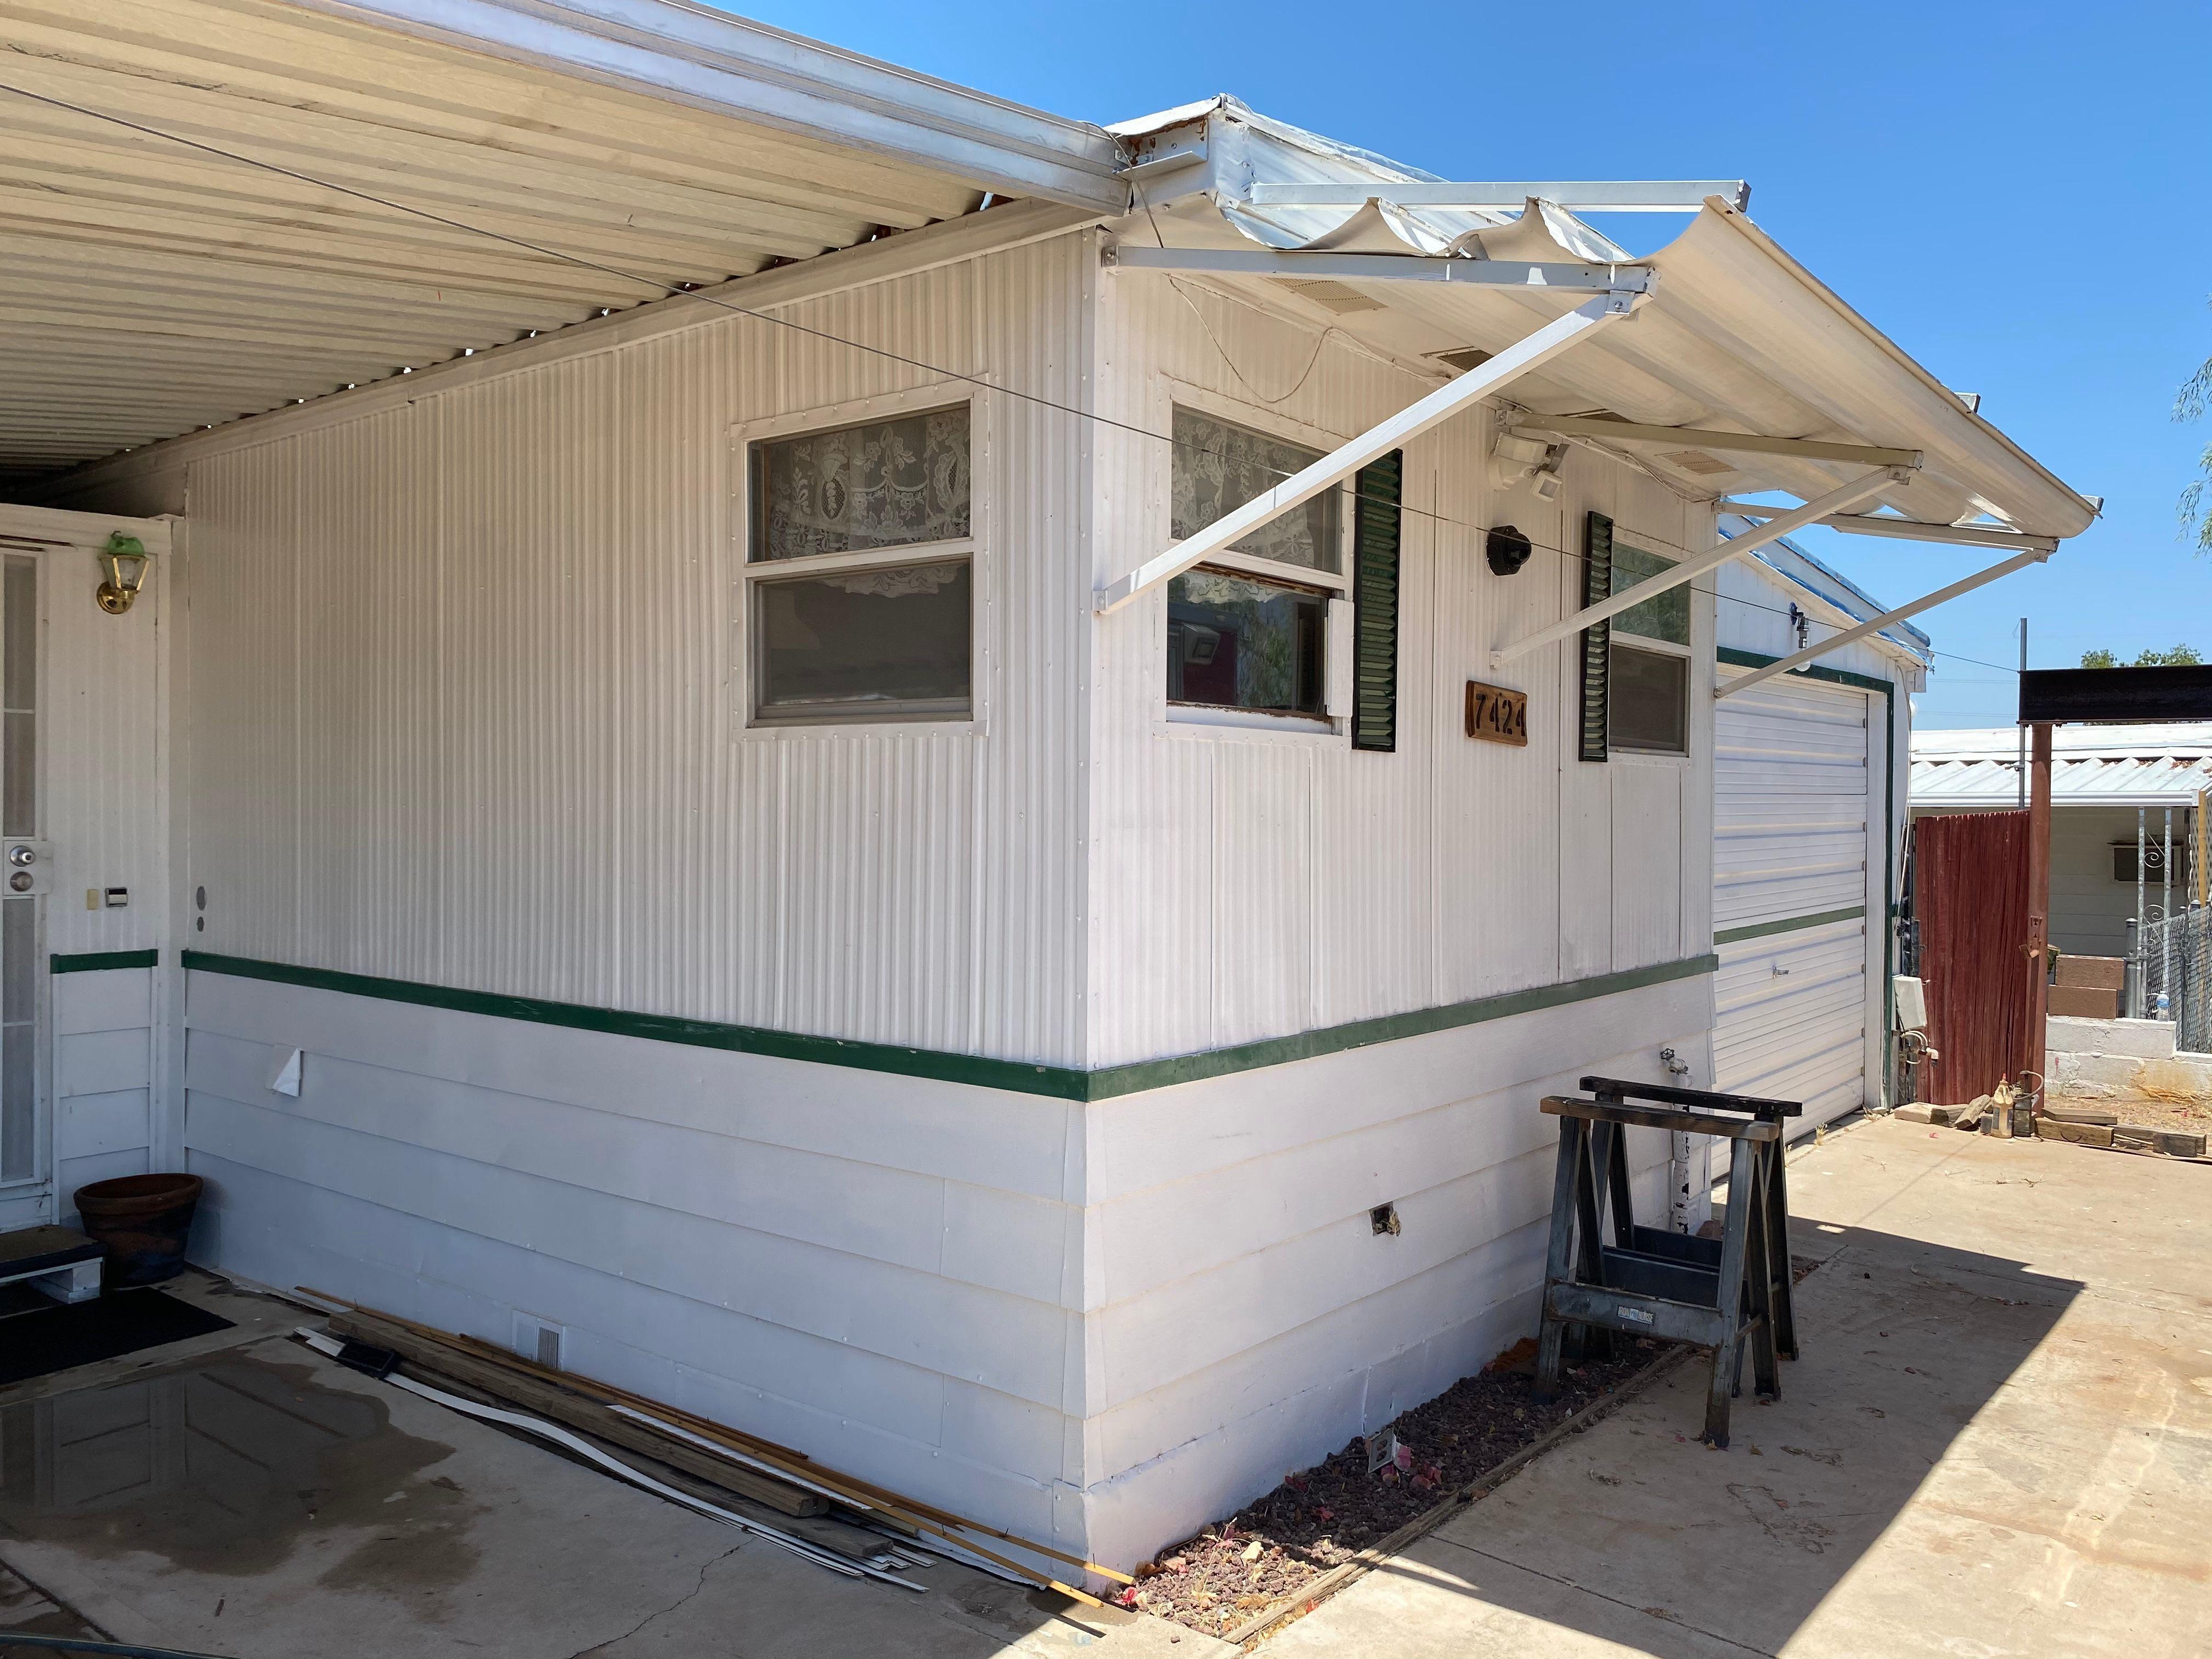 7424 S 41st St Phoenix, AZ 85042 wholesale property for sale